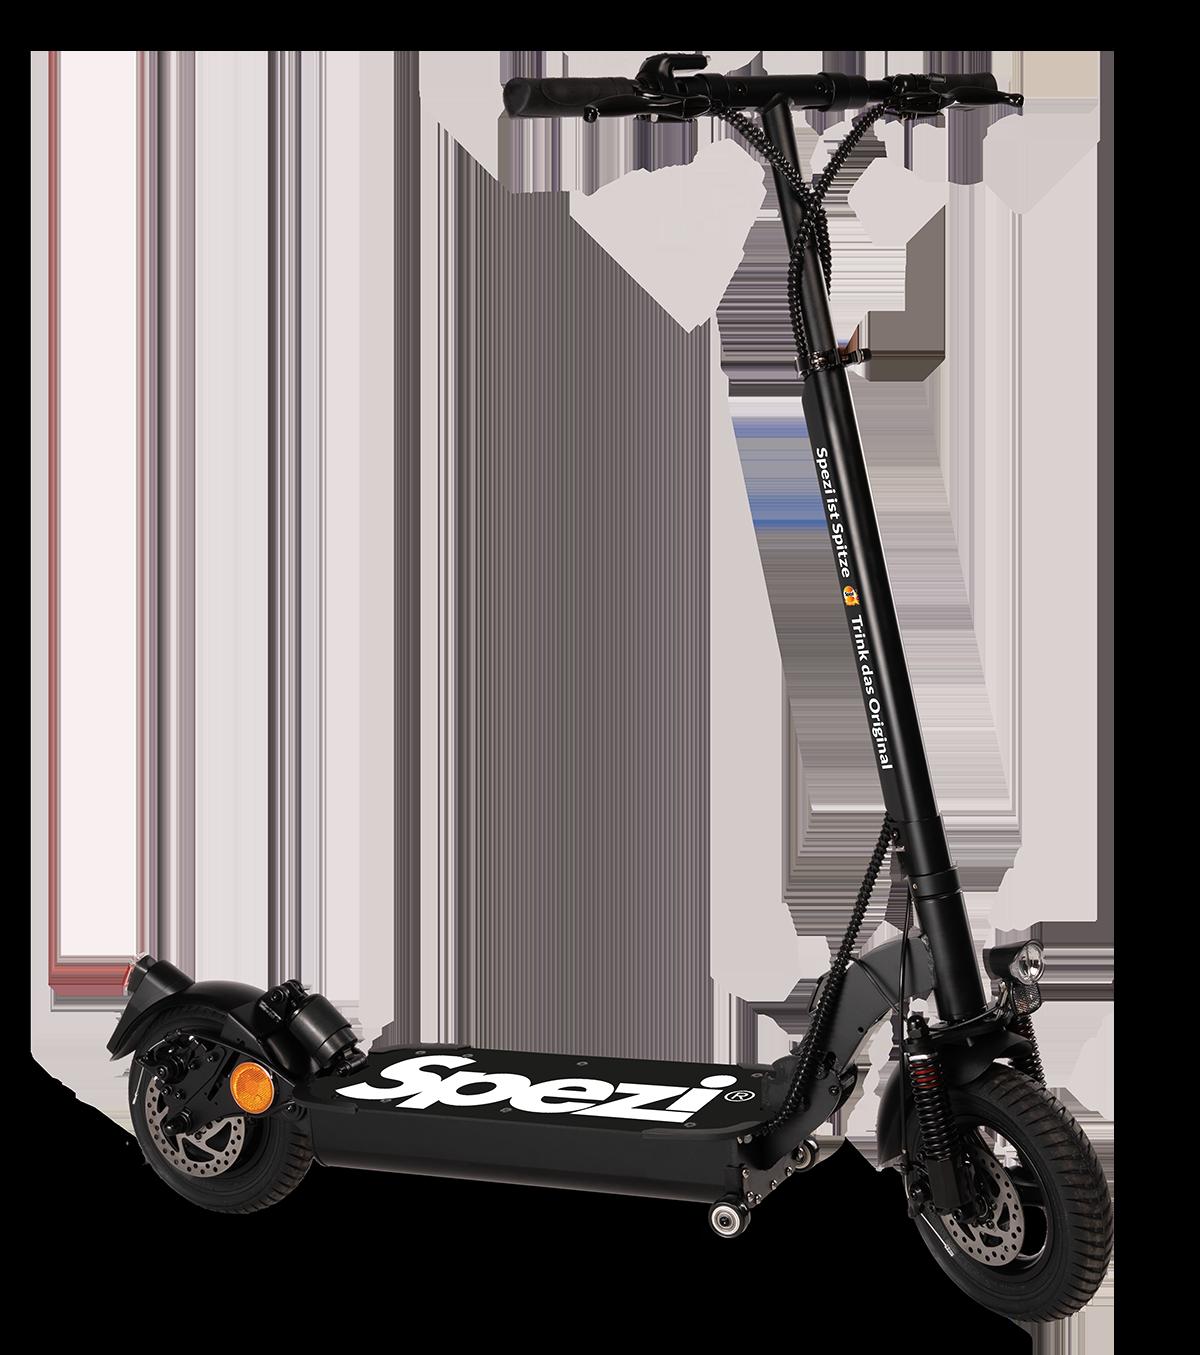 Gewinn Spezi E-Scooter - Gewinnspiel 2020